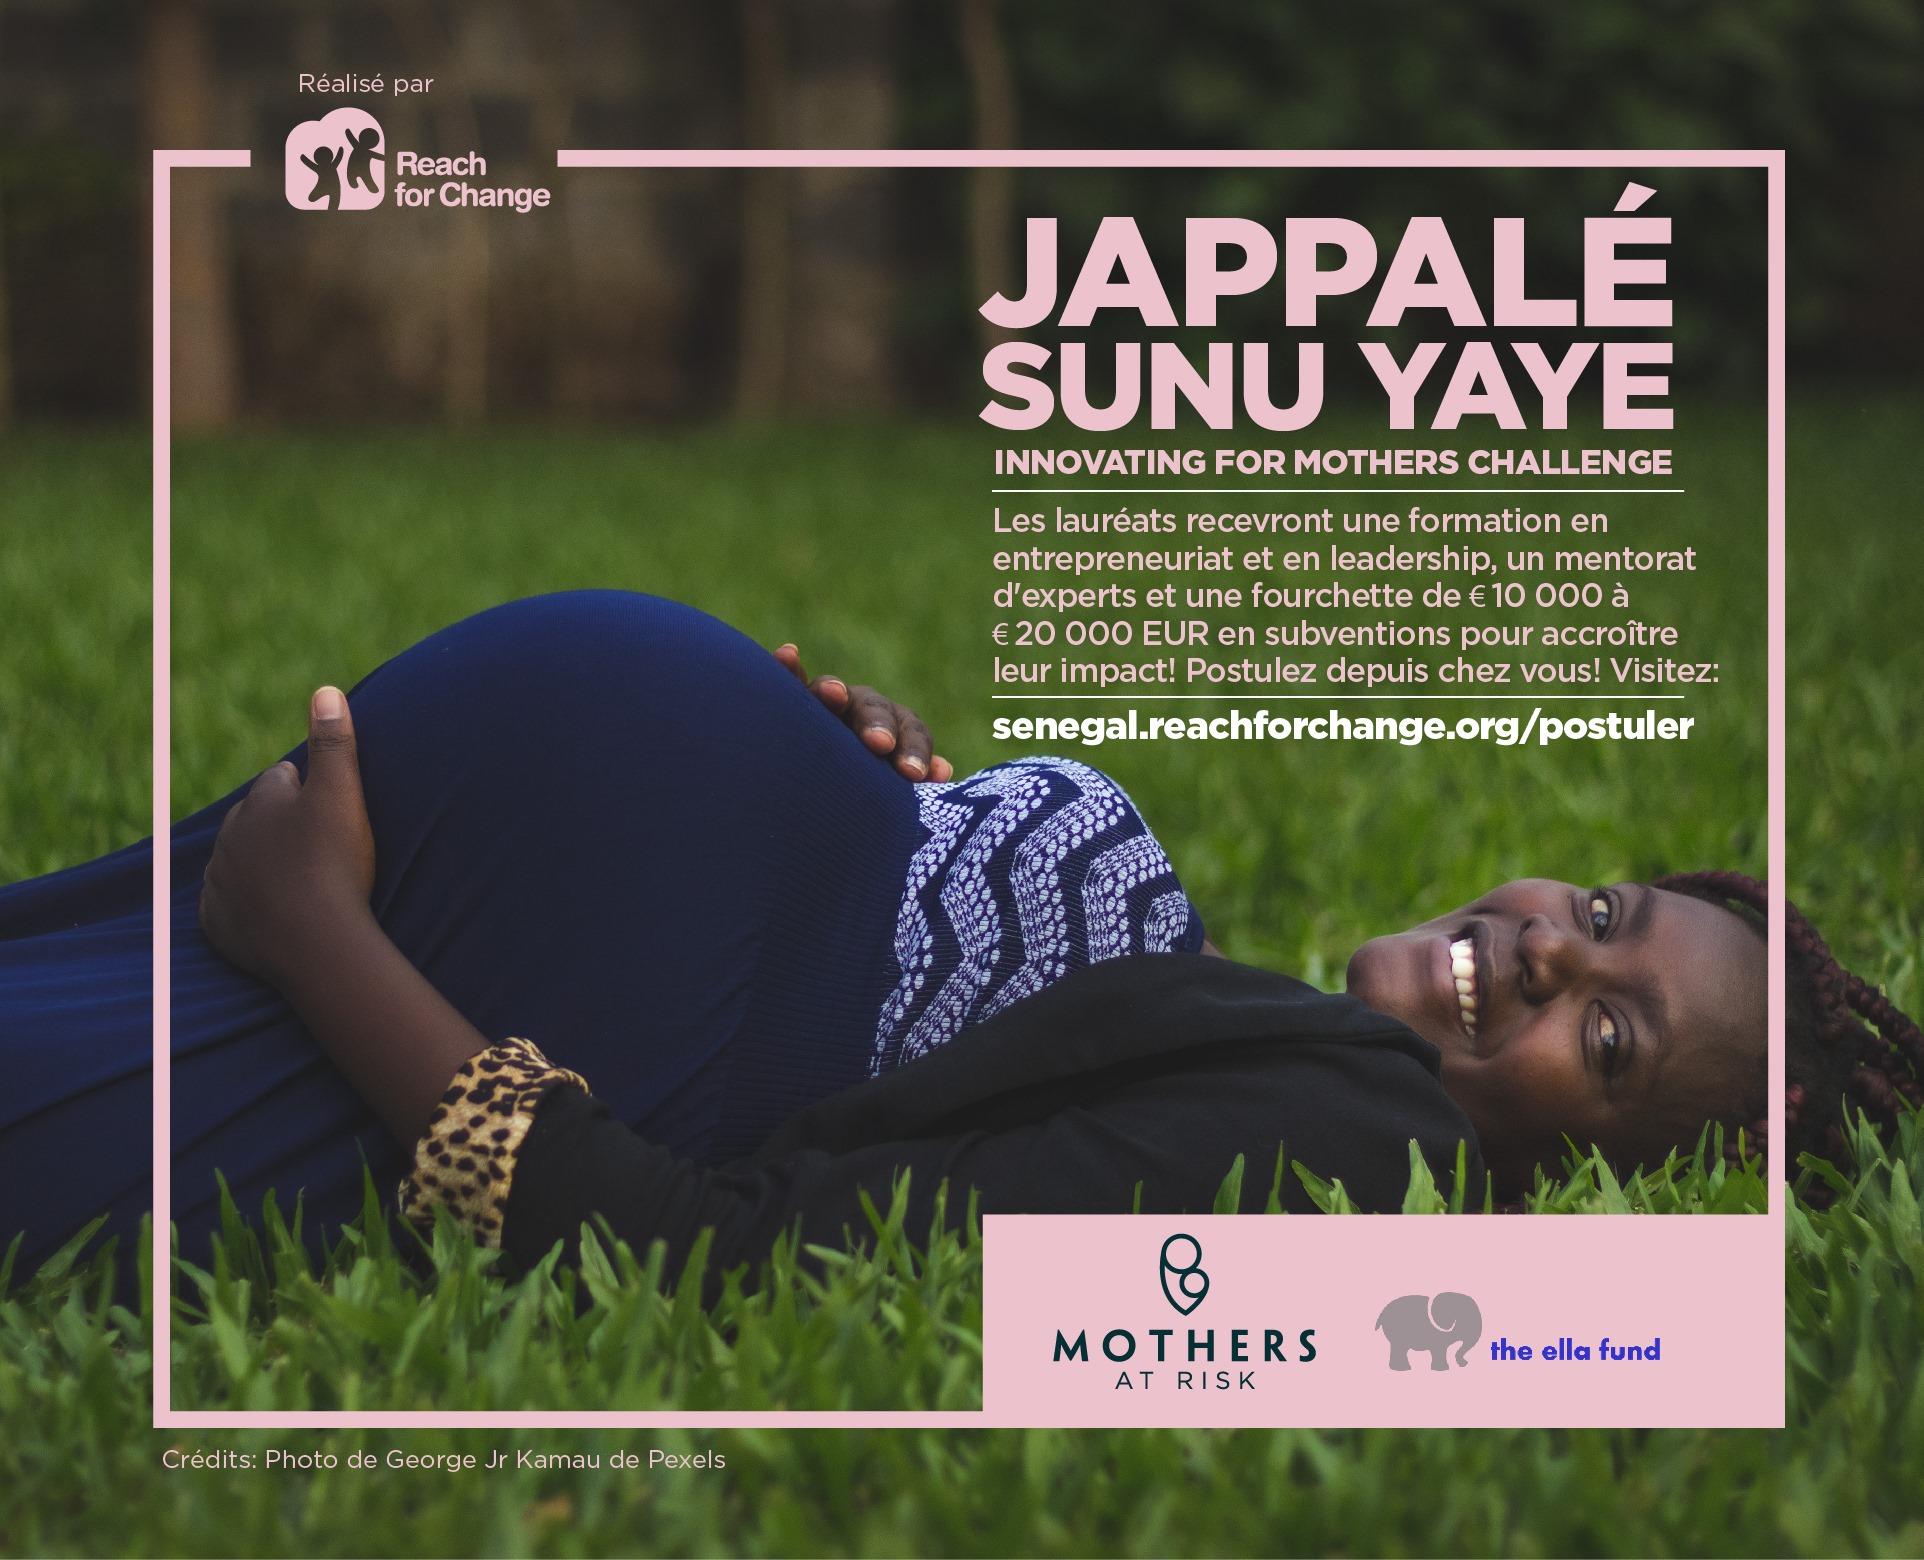 Lancement du Challenge Innovating for Mothers pour améliorer les soins  de santé maternelle et néonatale au Sénégal